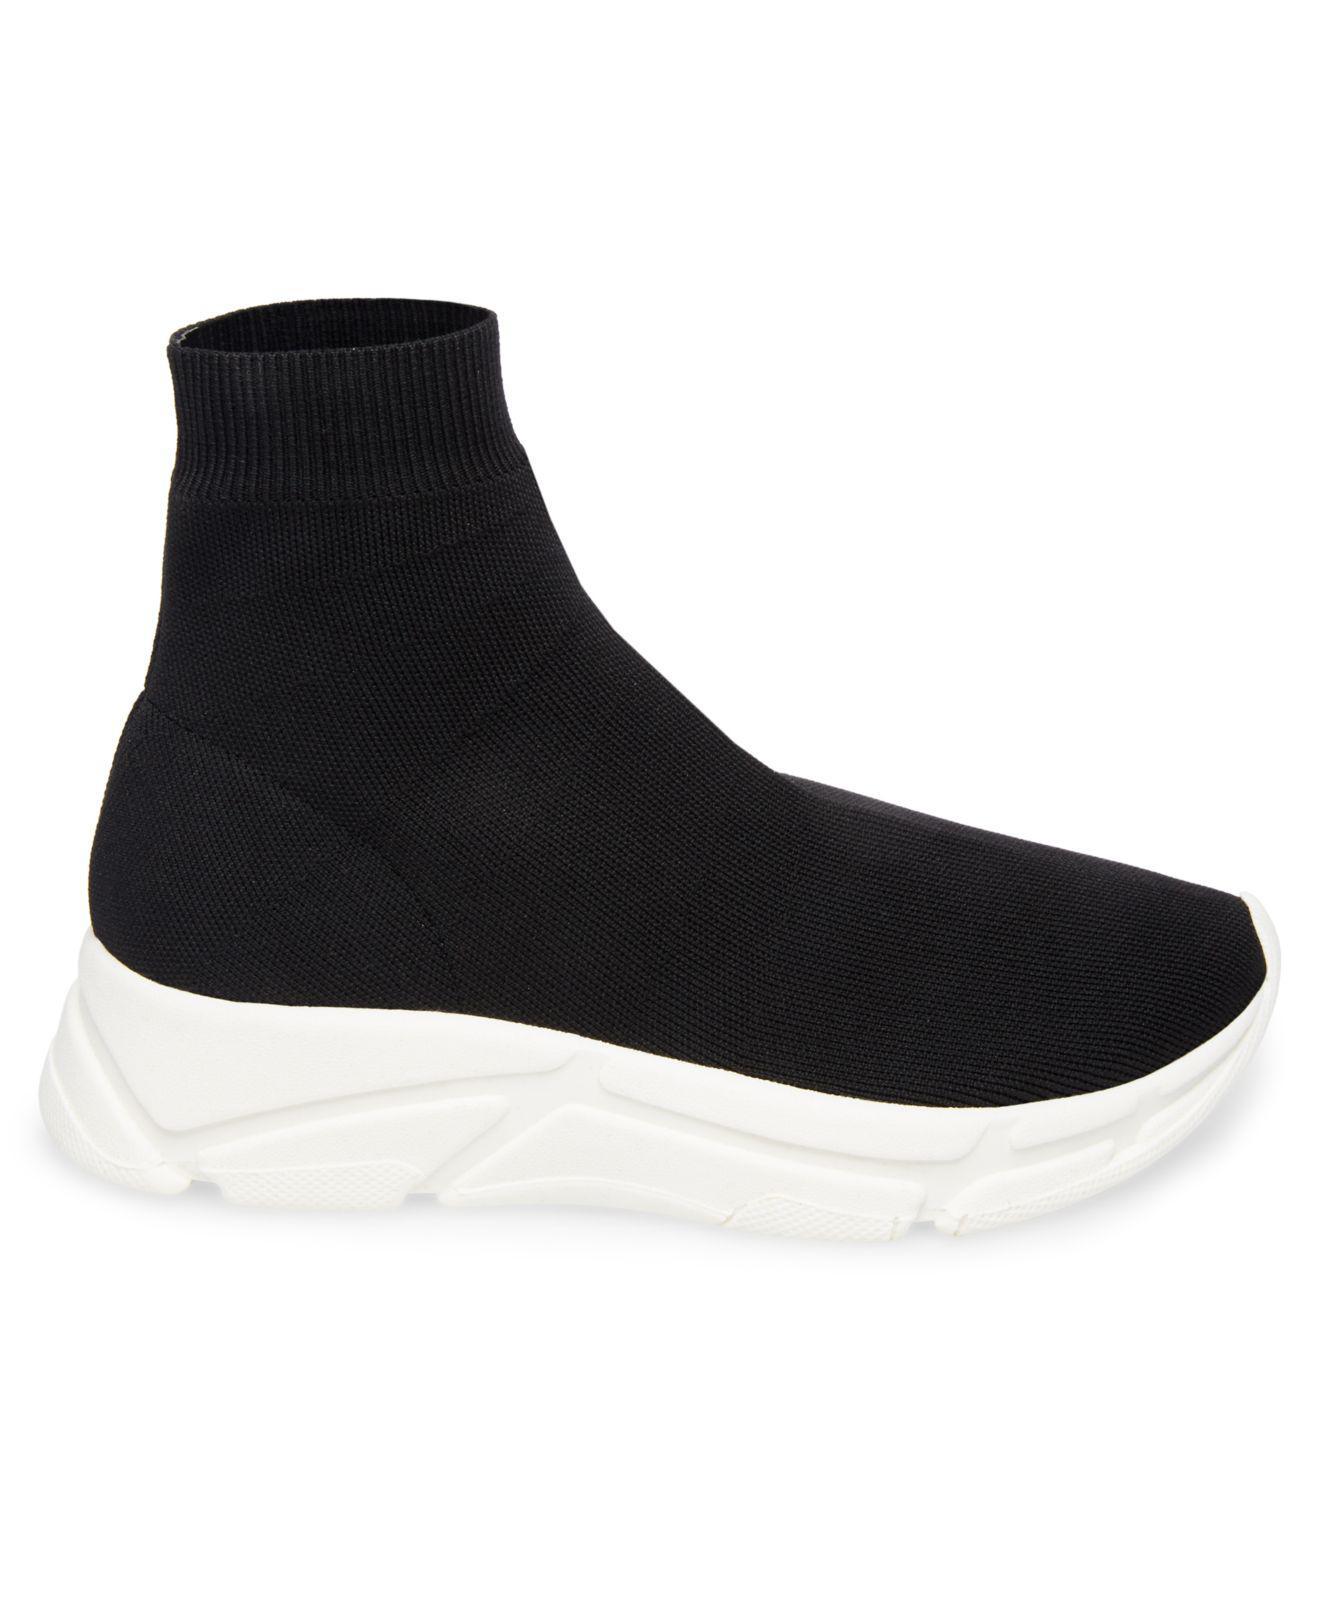 c984c8688df Lyst - Steve Madden Bitten Flyknit Sneakers in Black